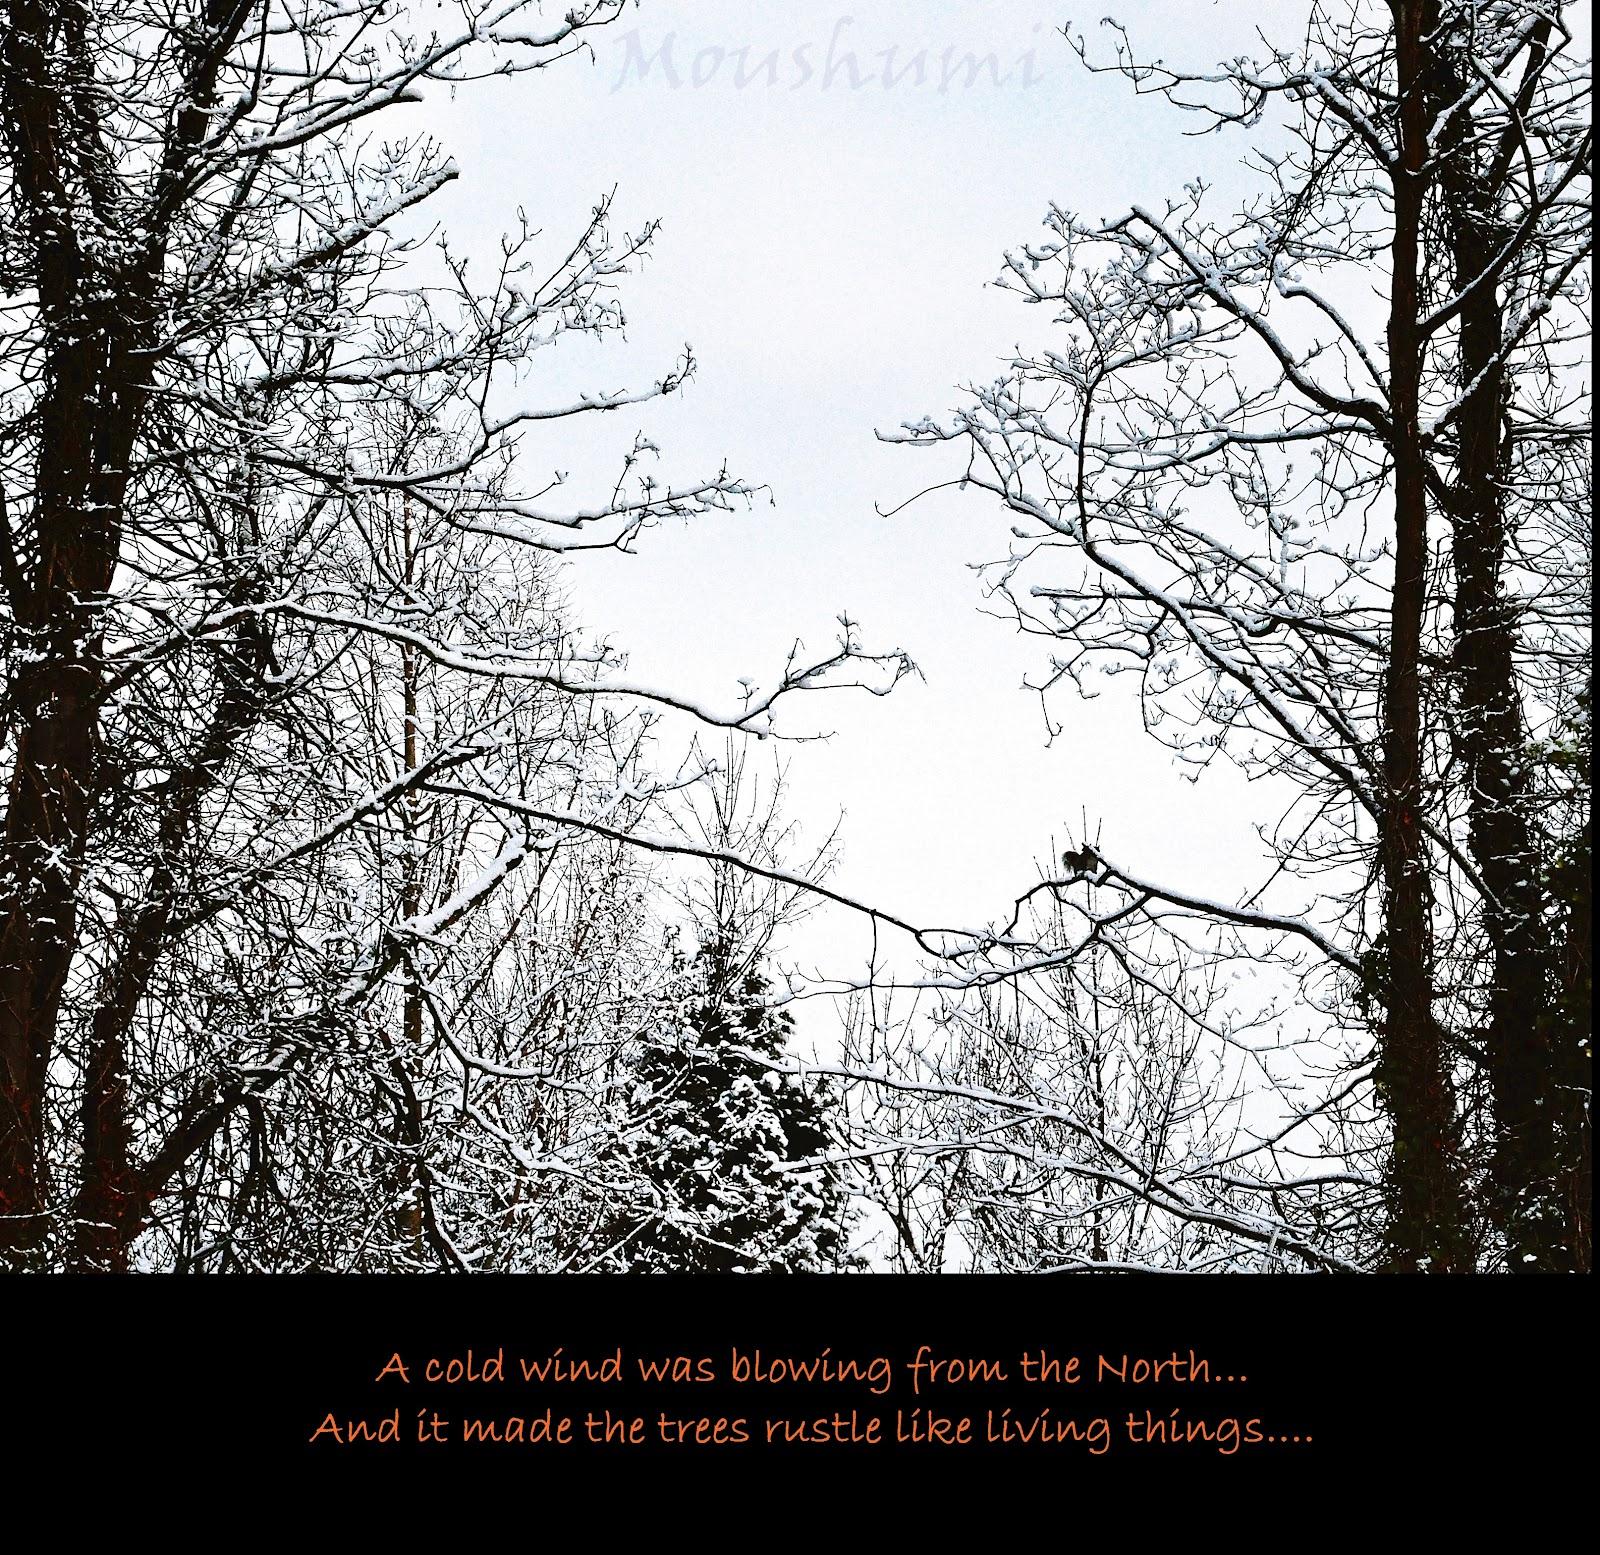 George R. R. Martin's quote #4